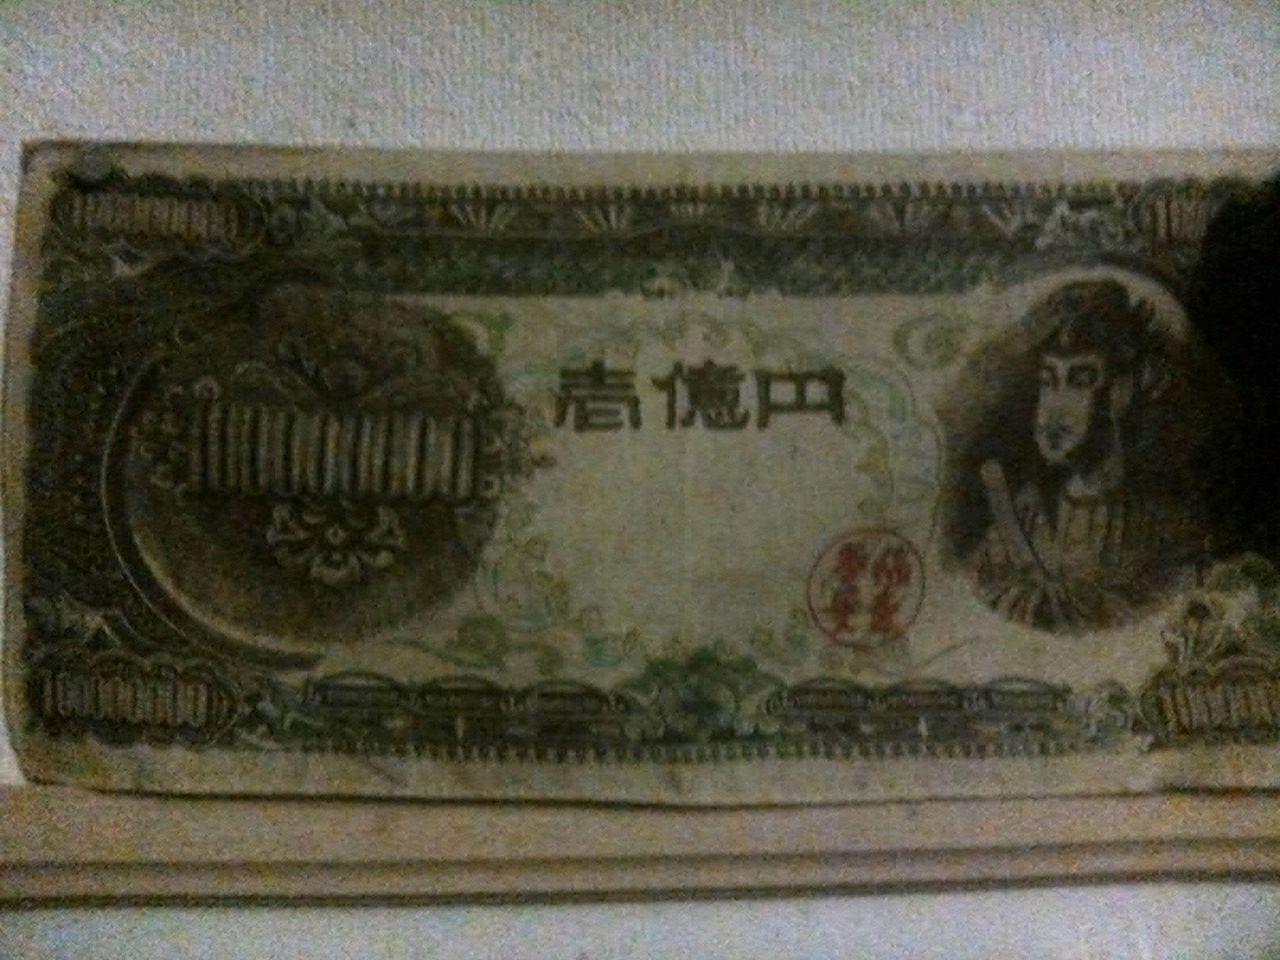 中村容疑者「100万ドル紙幣を150万円で売ったるわ」お婆さん「ヒエエエエエエエ安い!!買った!!」